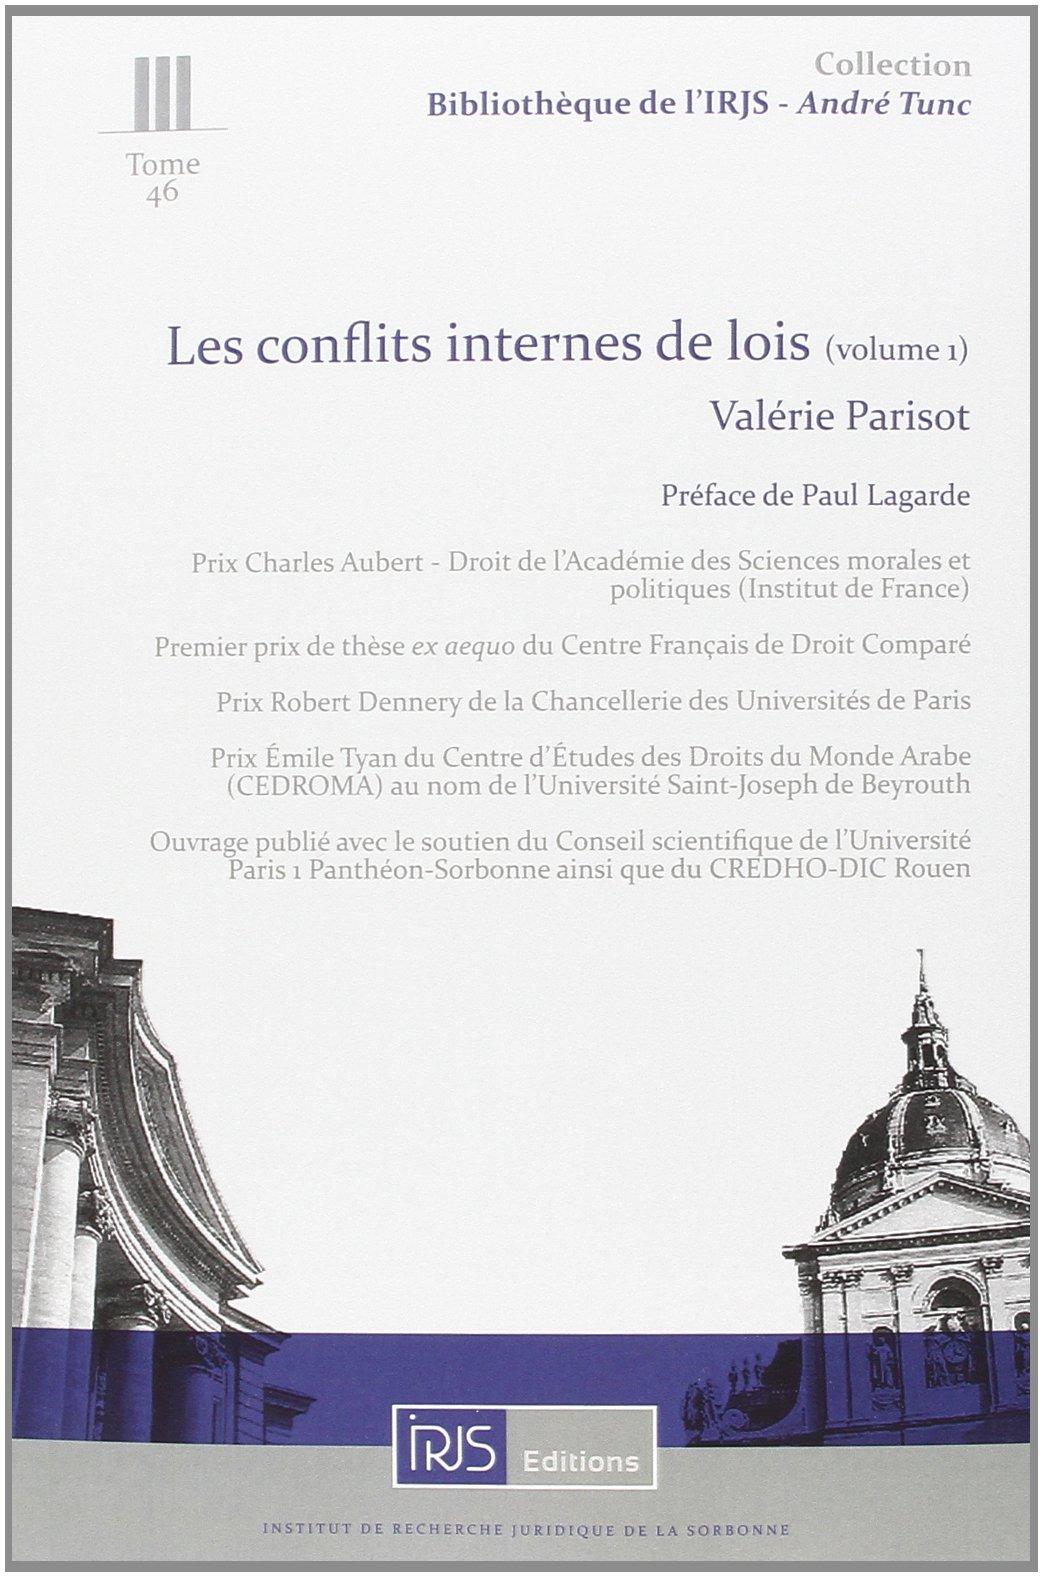 Les conflits internes de lois Broché – 26 novembre 2013 Valérie Parisot IRJS Editions 2919211269 DROIT